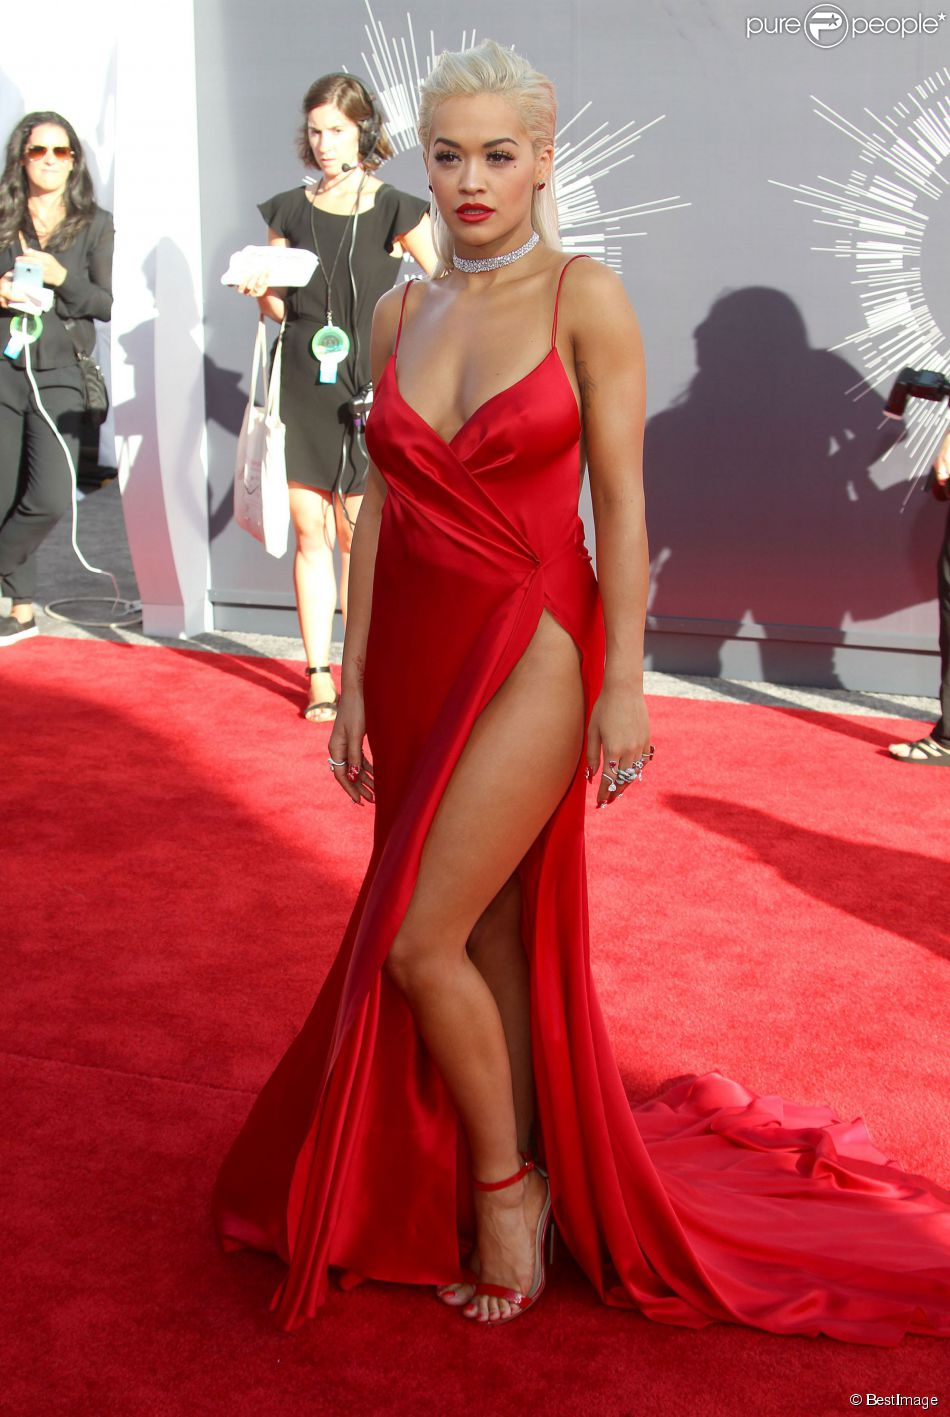 les éléments - Page 18 1568333-rita-ora-sexy-en-robe-rouge-donna-950x0-1